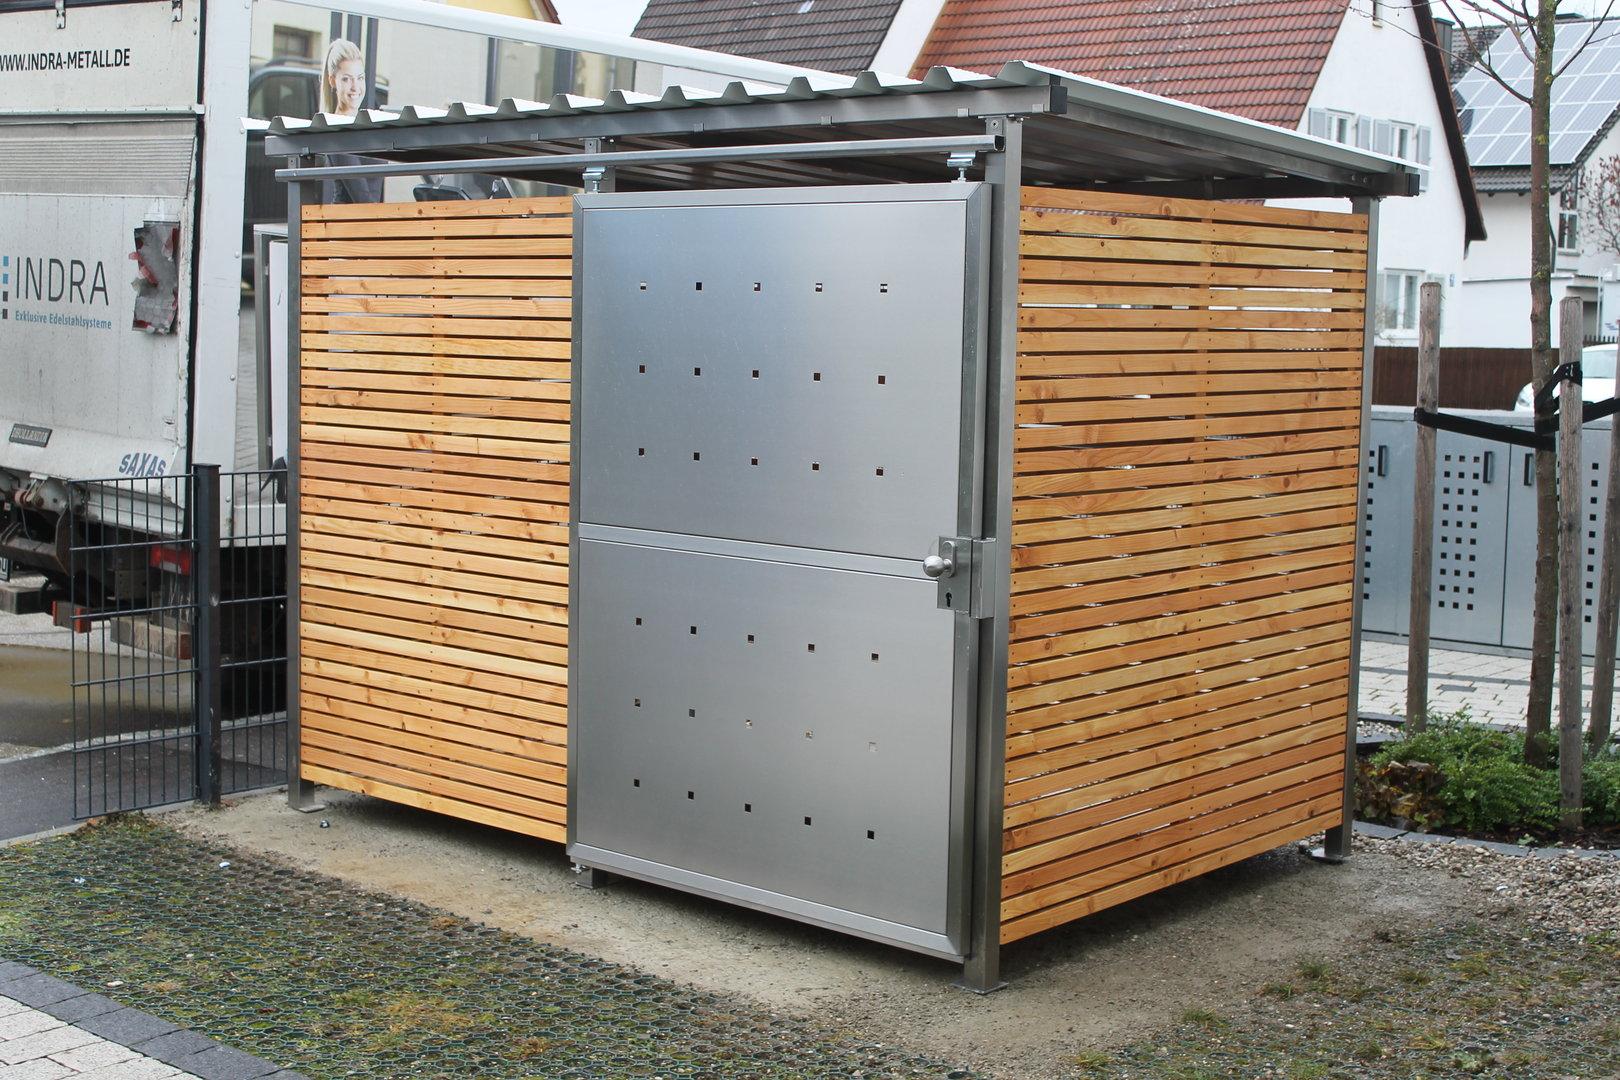 m lltonnenhaus gr e 1 mit l rchen douglasien holz verkleidet m lltonnenboxen direkt vom. Black Bedroom Furniture Sets. Home Design Ideas